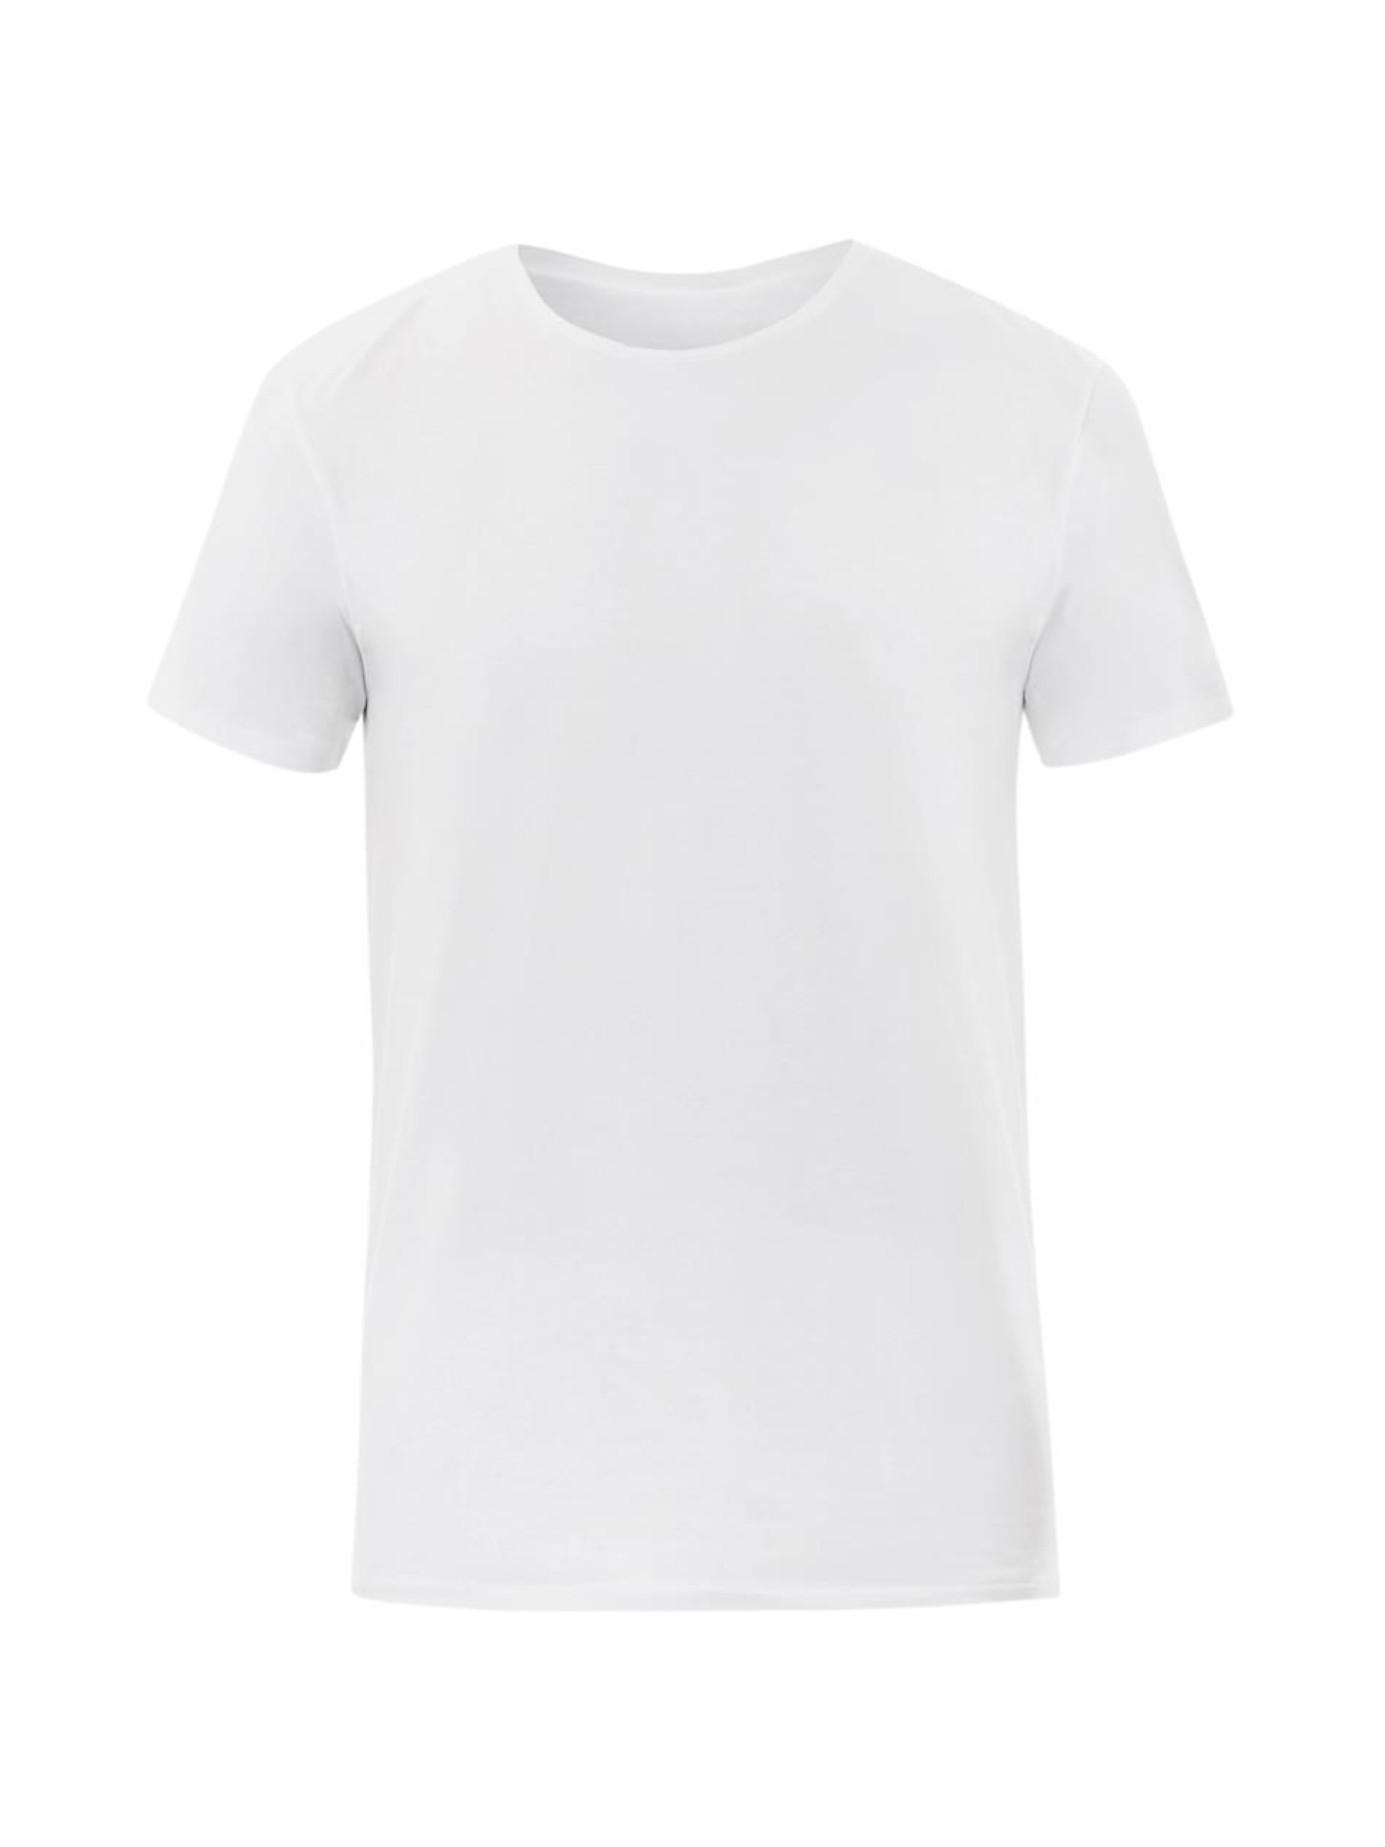 Derek rose pima cotton crew neck t shirt in white for men for Pima cotton crew neck t shirt